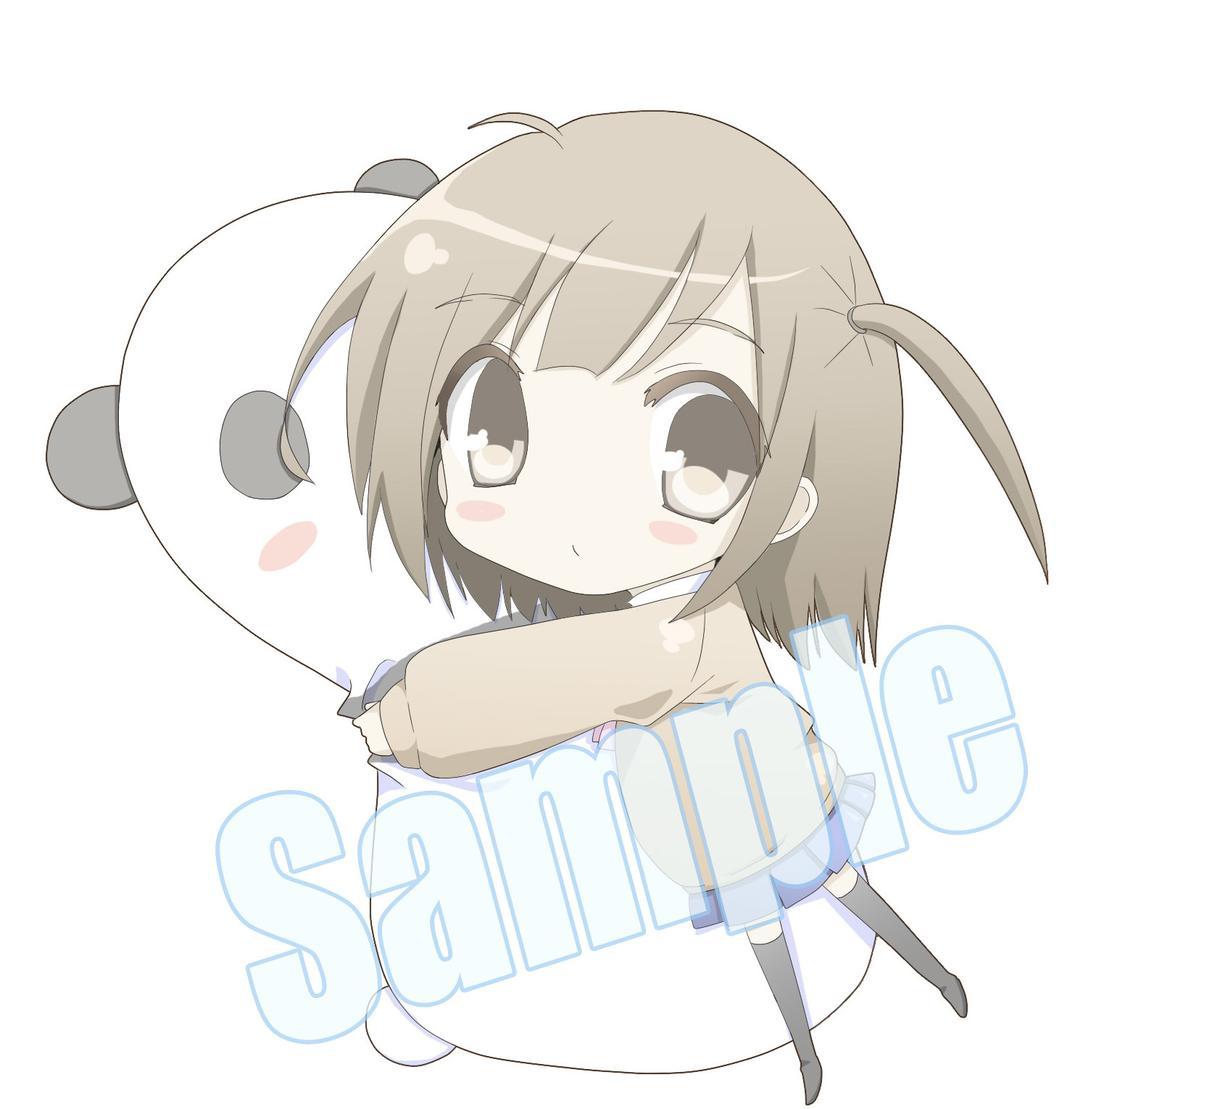 女の子や可愛いキャラクターのアイコンお描き致します ☆SNS等のアイコンをかわいく☆